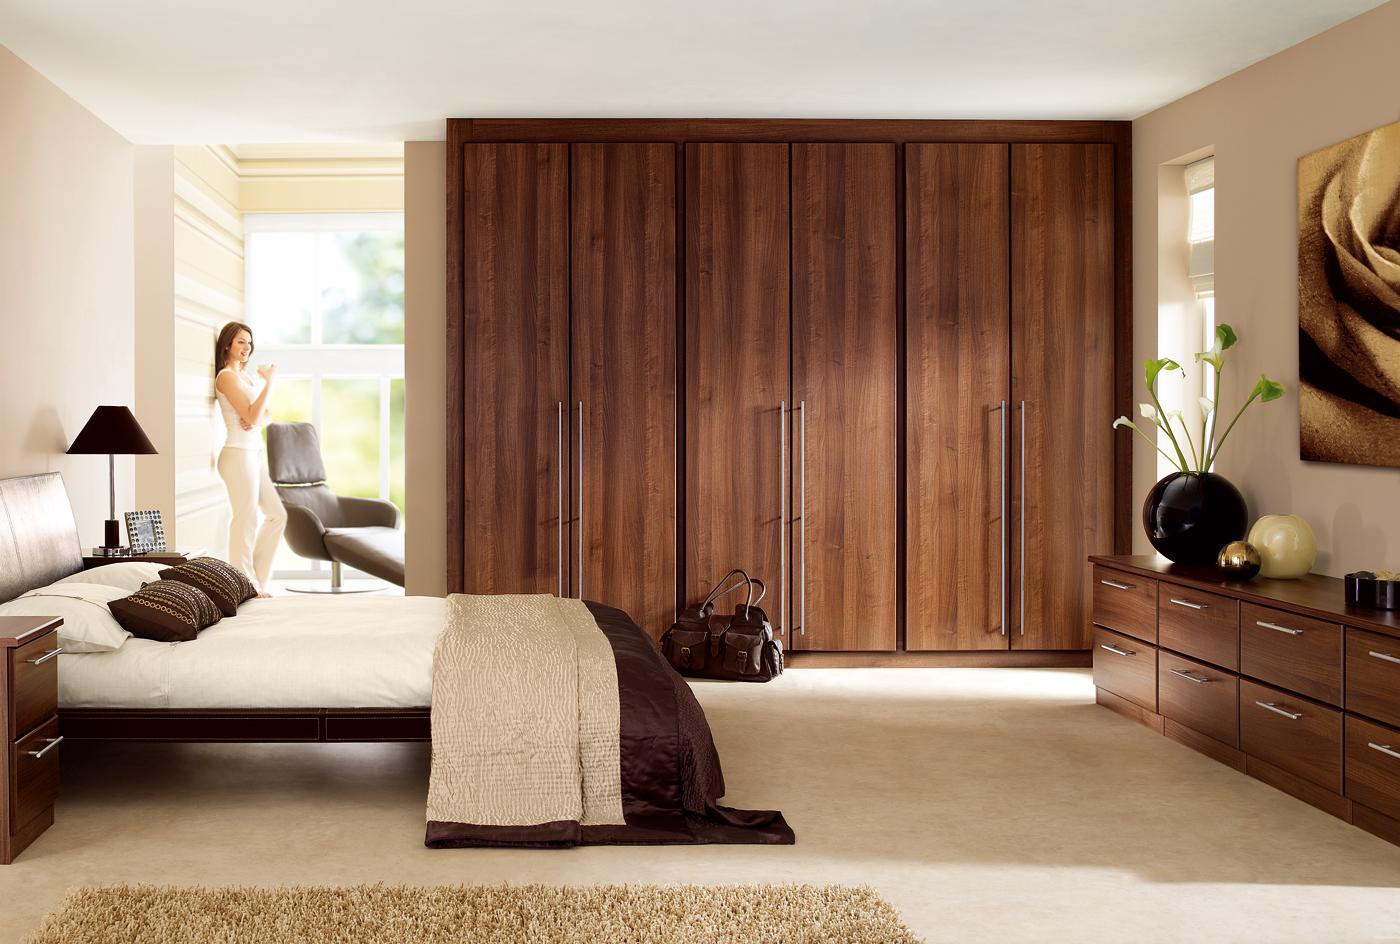 Nội thất gỗ cho phòng ngủ sang trọng. 5